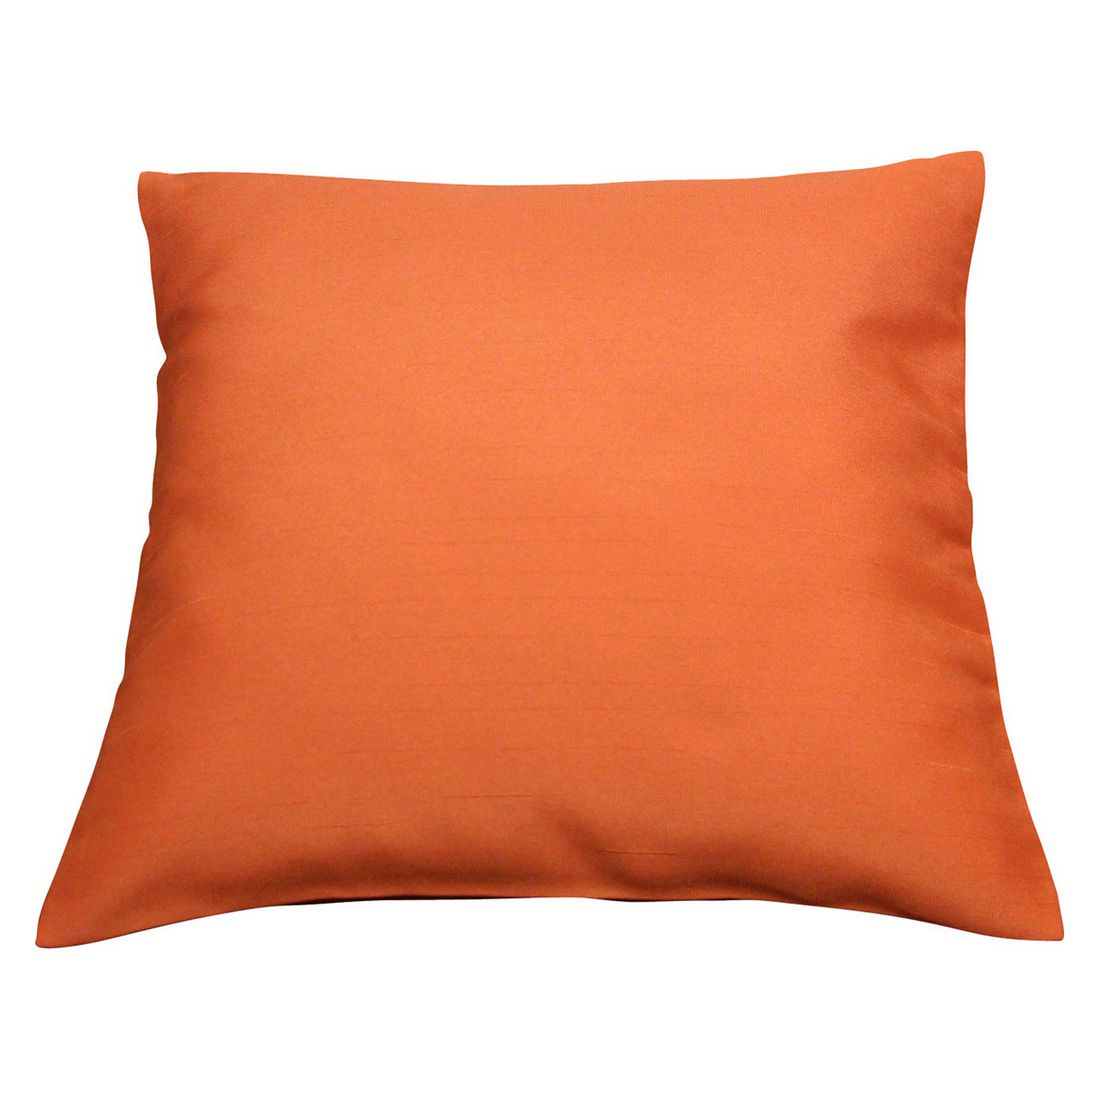 Kissenhülle Nova (2er,4er oder 6er-Set) – Beige – 40 x 40 cm – 4 Kissen, MiBiento Living günstig kaufen